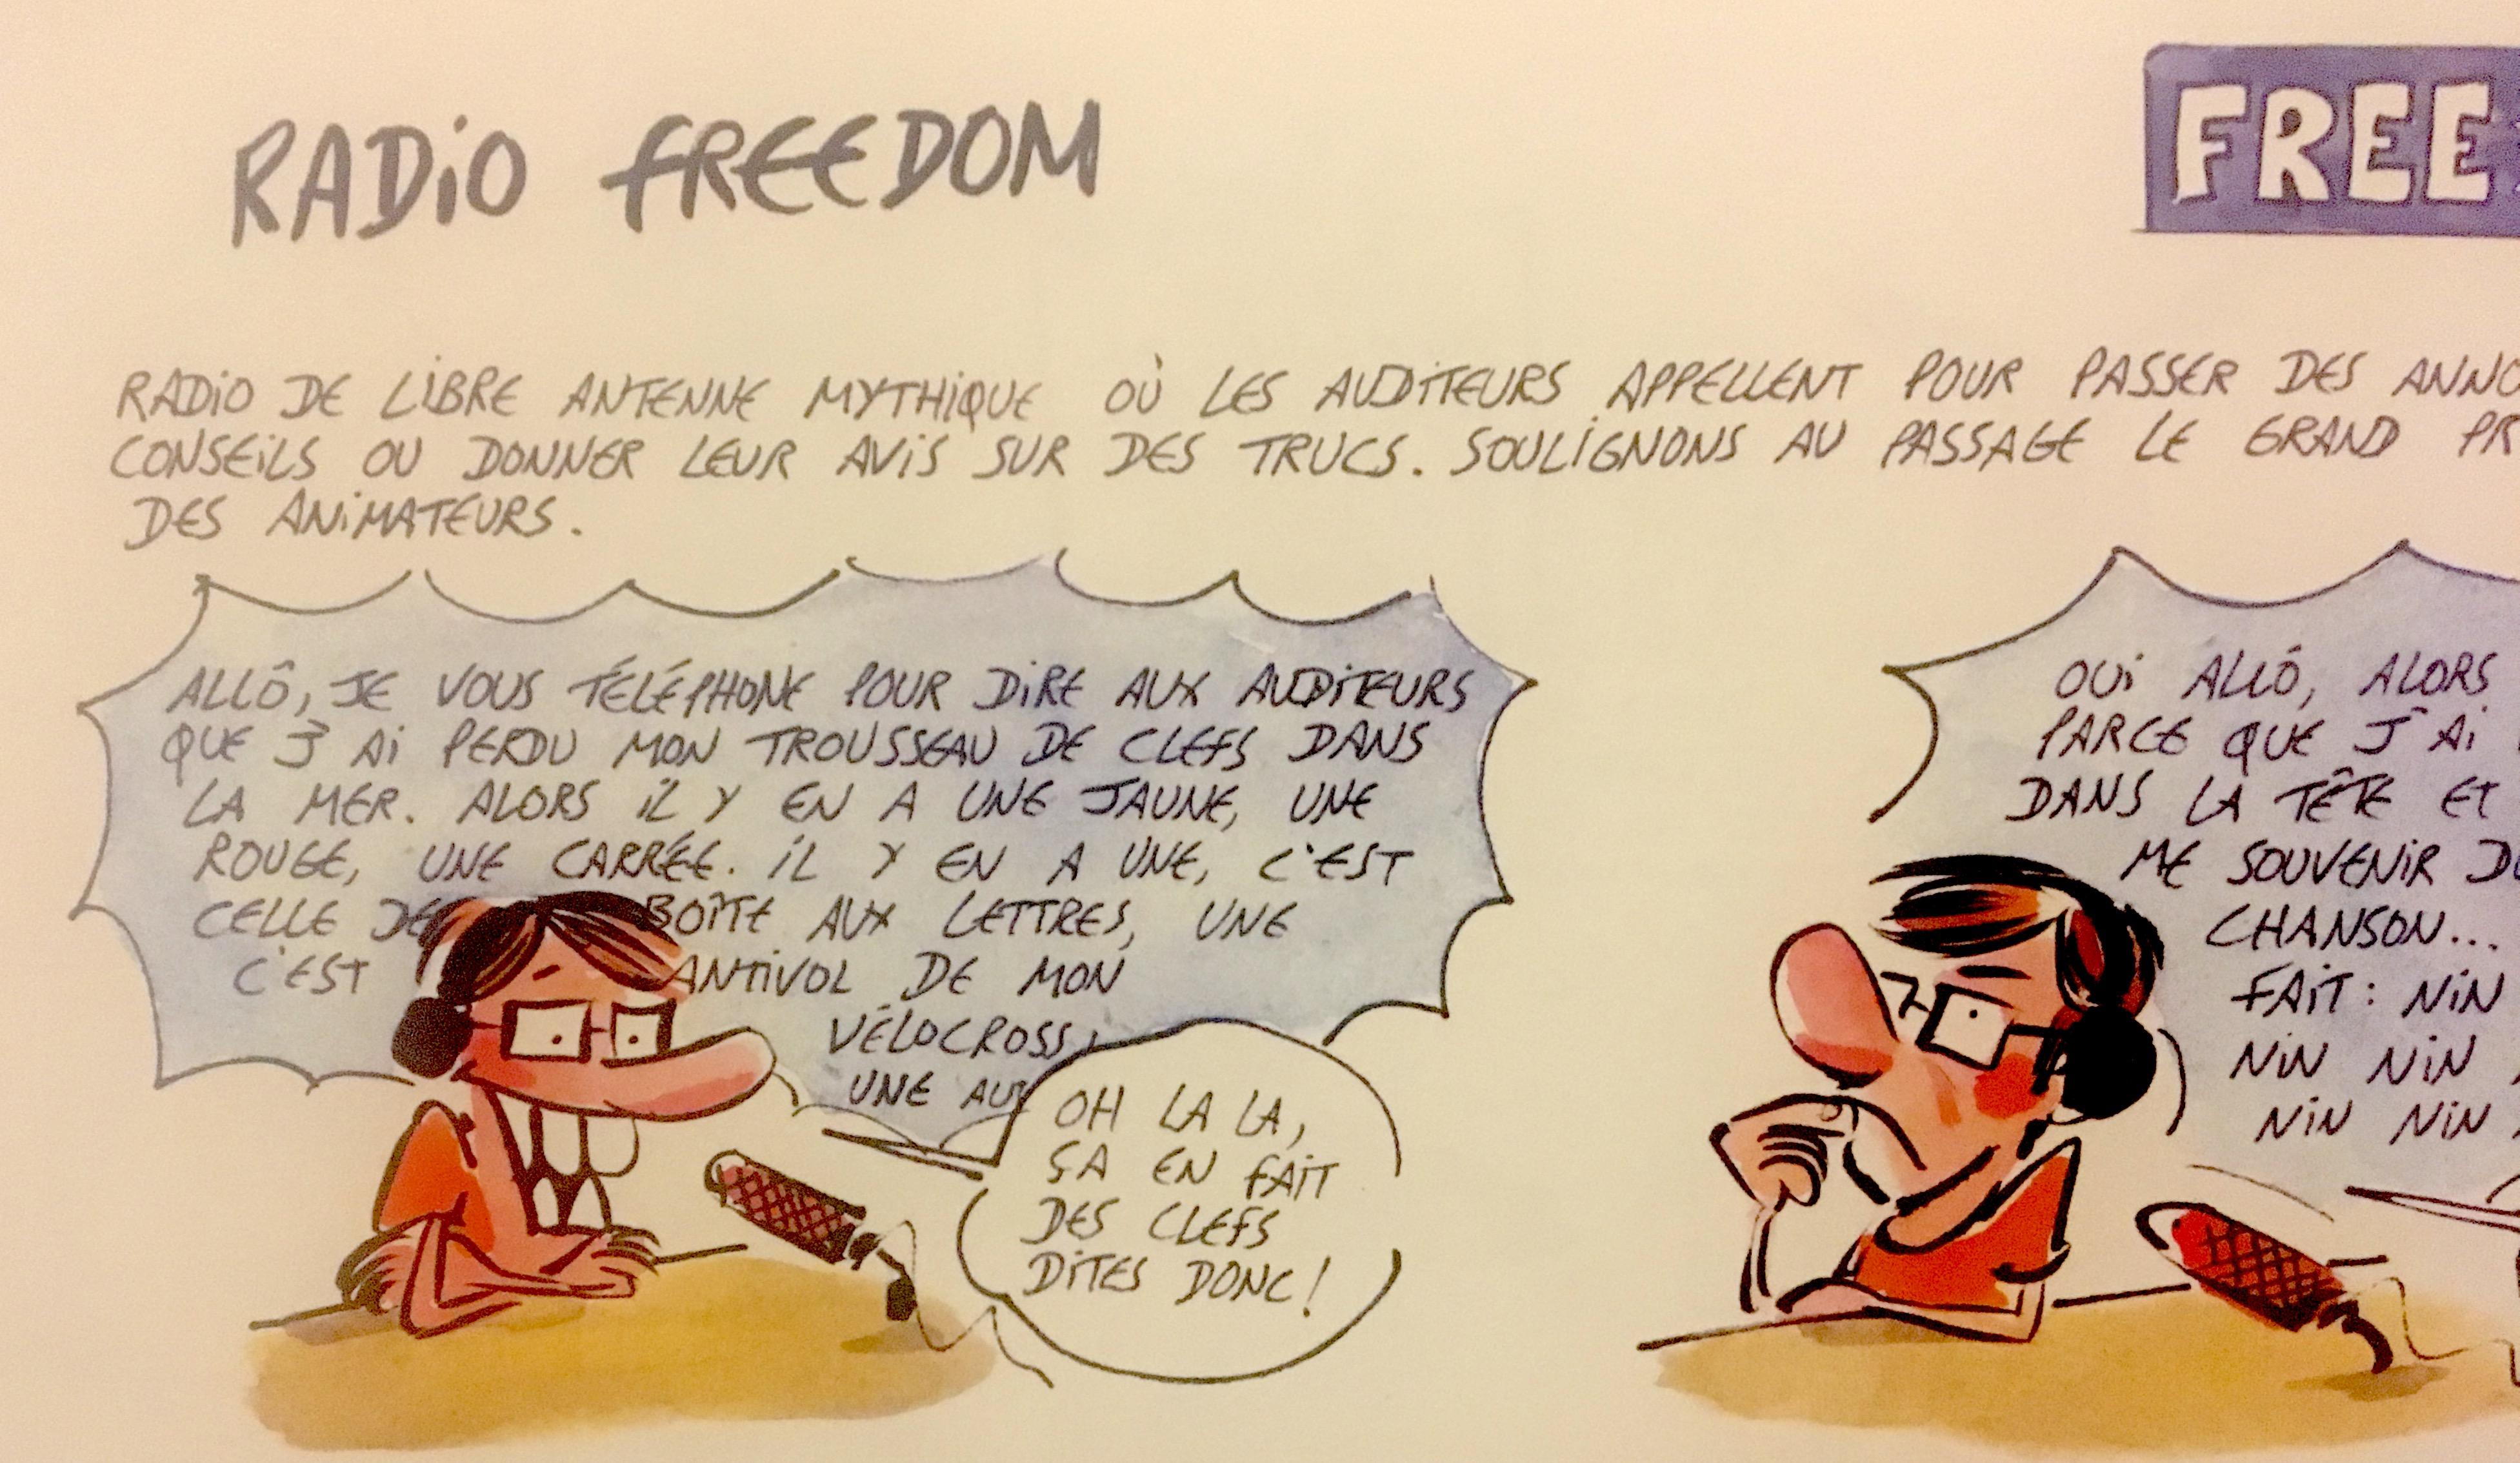 Radio freedom, île de la réunion